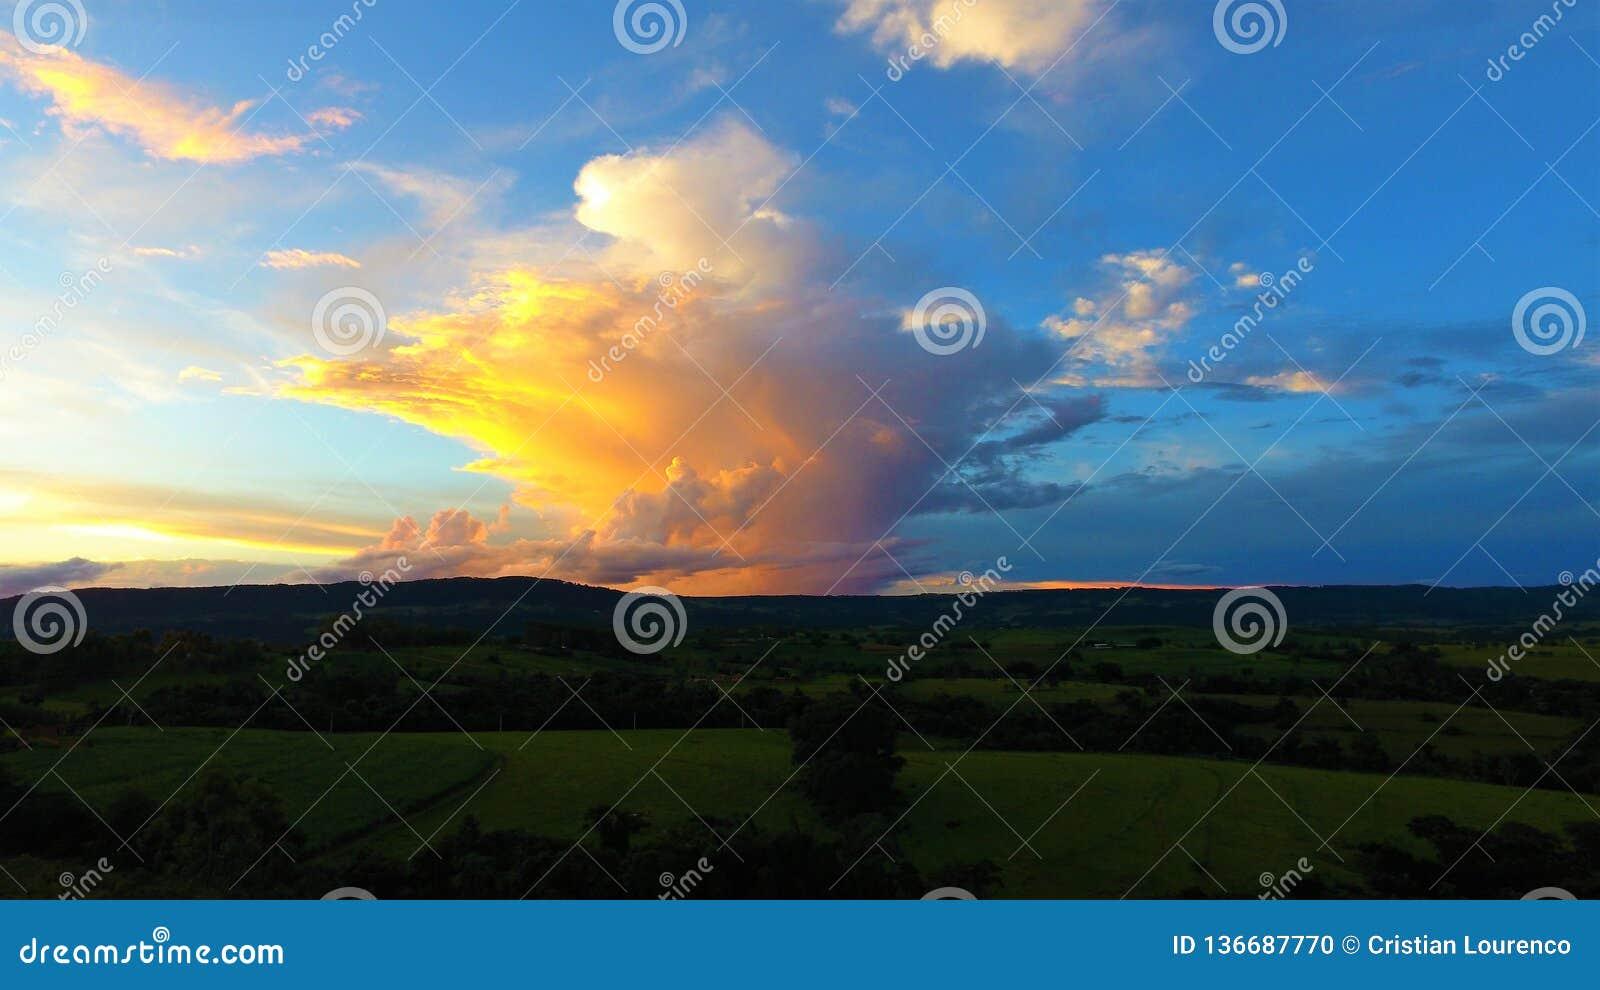 Satellietbeeld van de zonsondergang van een platteland